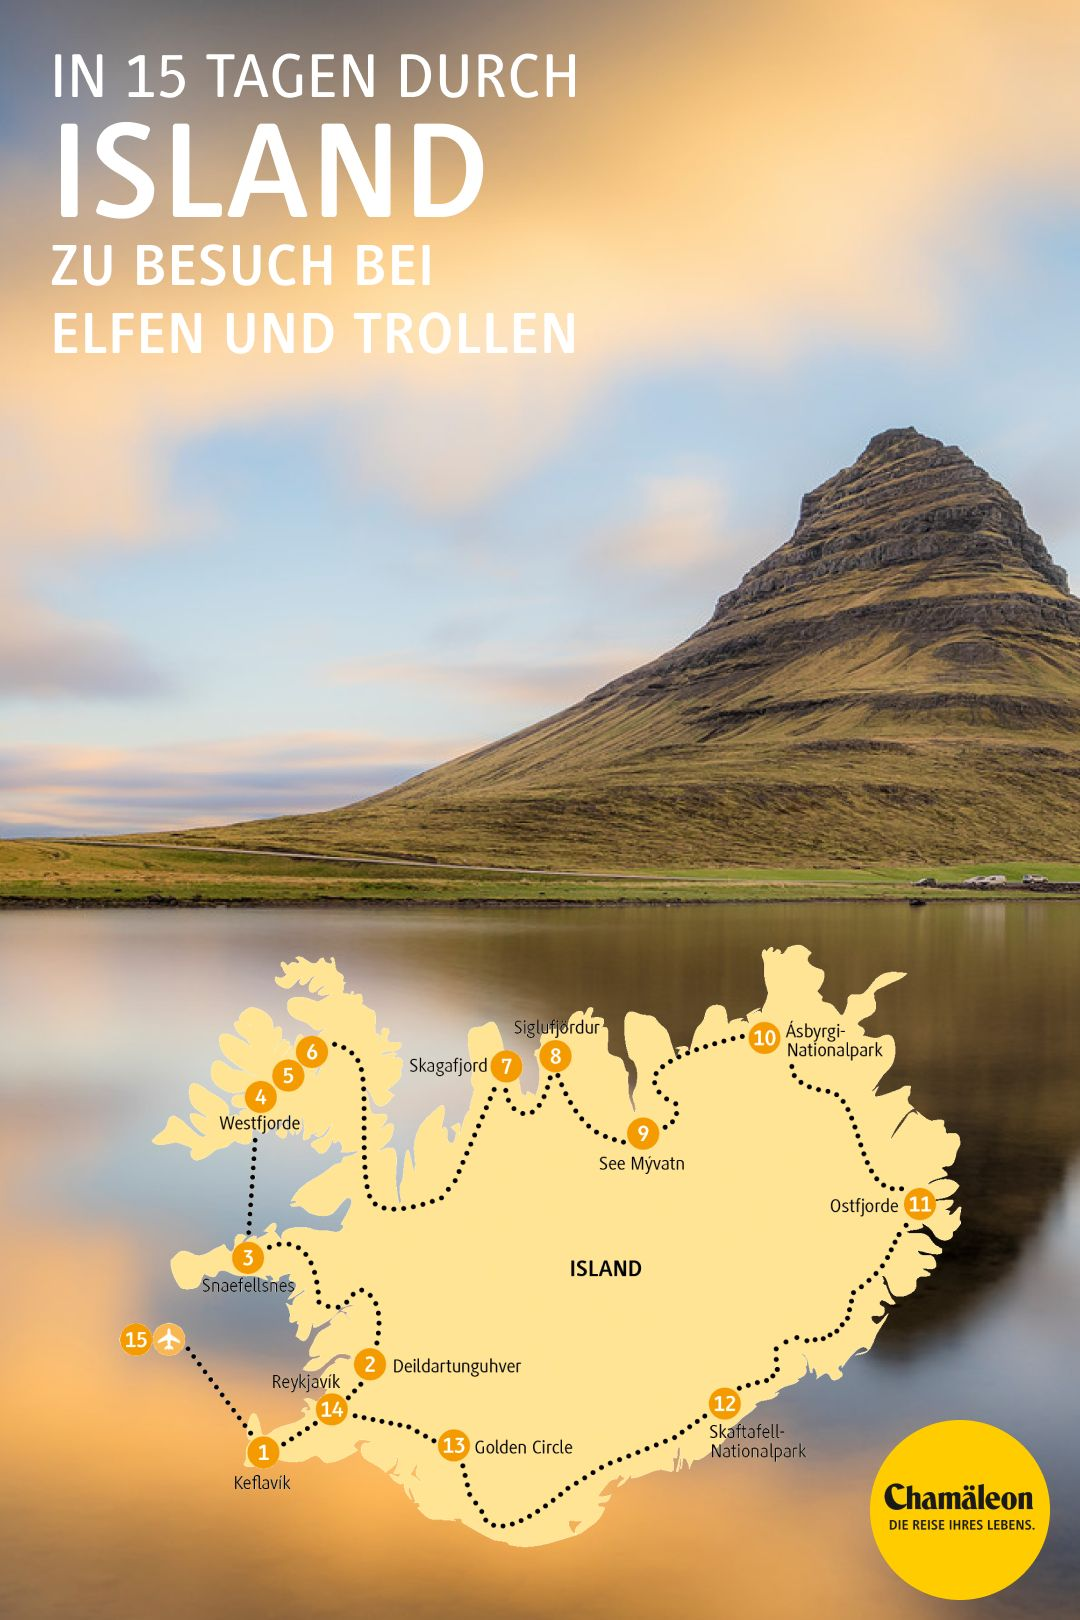 Unglaublich Aber Wahr Uber Die Halfte Der Islander Glaubt An Elfen Und Trolle Kein Wunder Bei Einer Landschaft Die Uberirdisch Sche Reisen Reykjavik Island